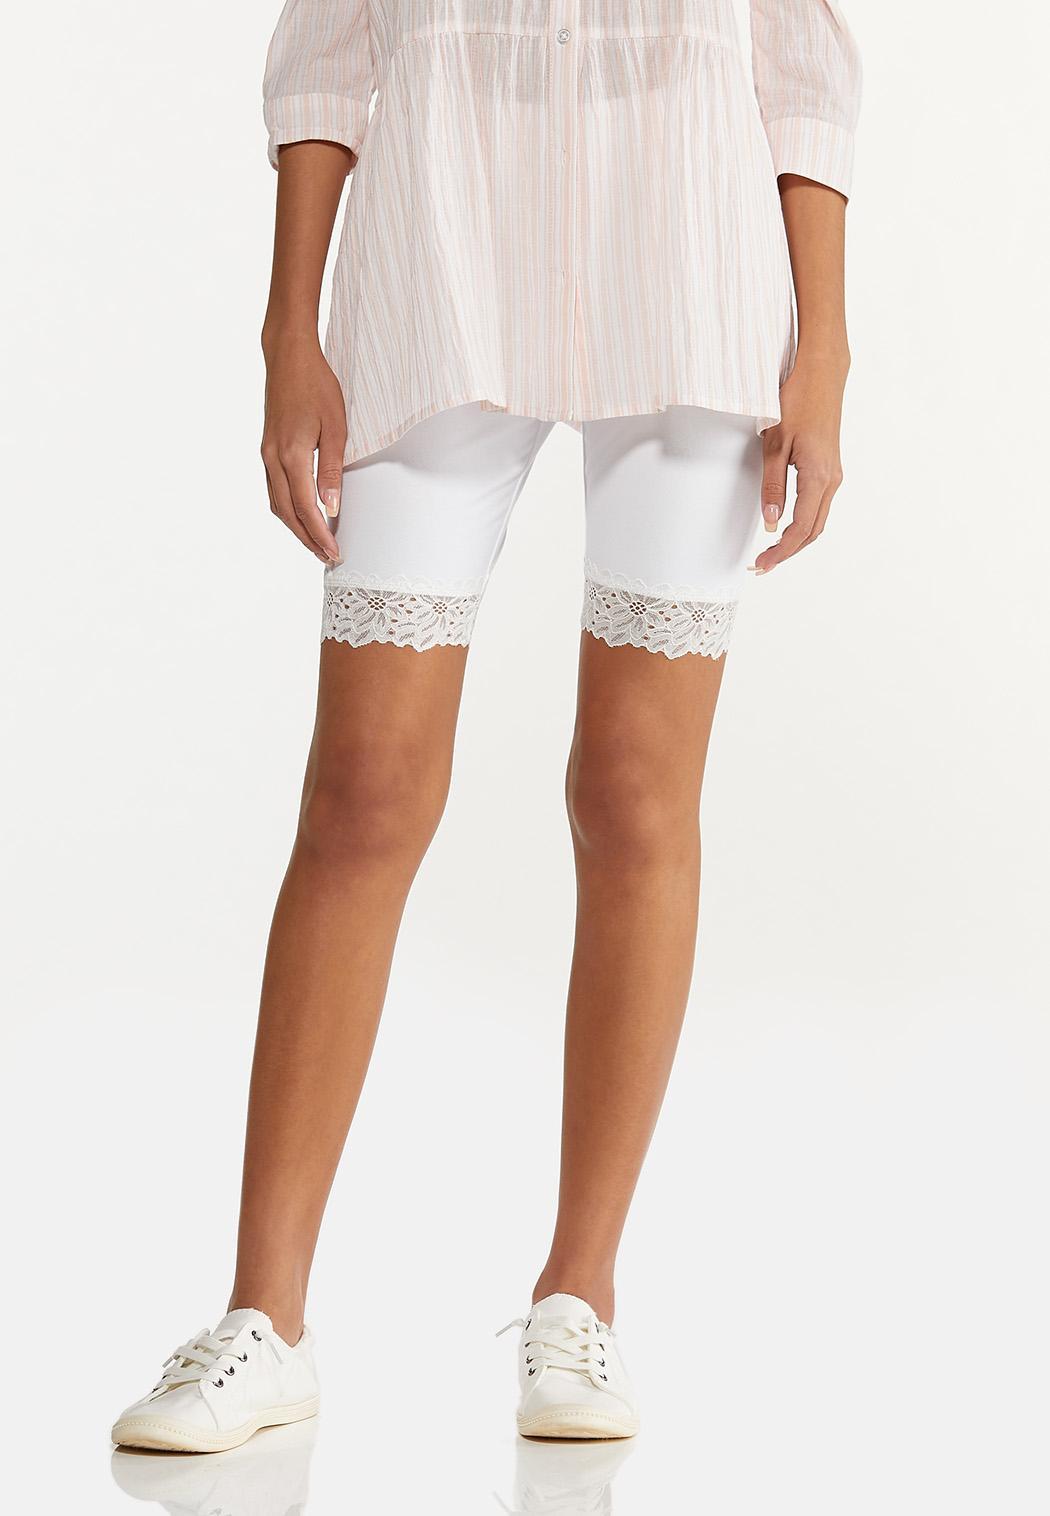 Lace Trim Biker Shorts